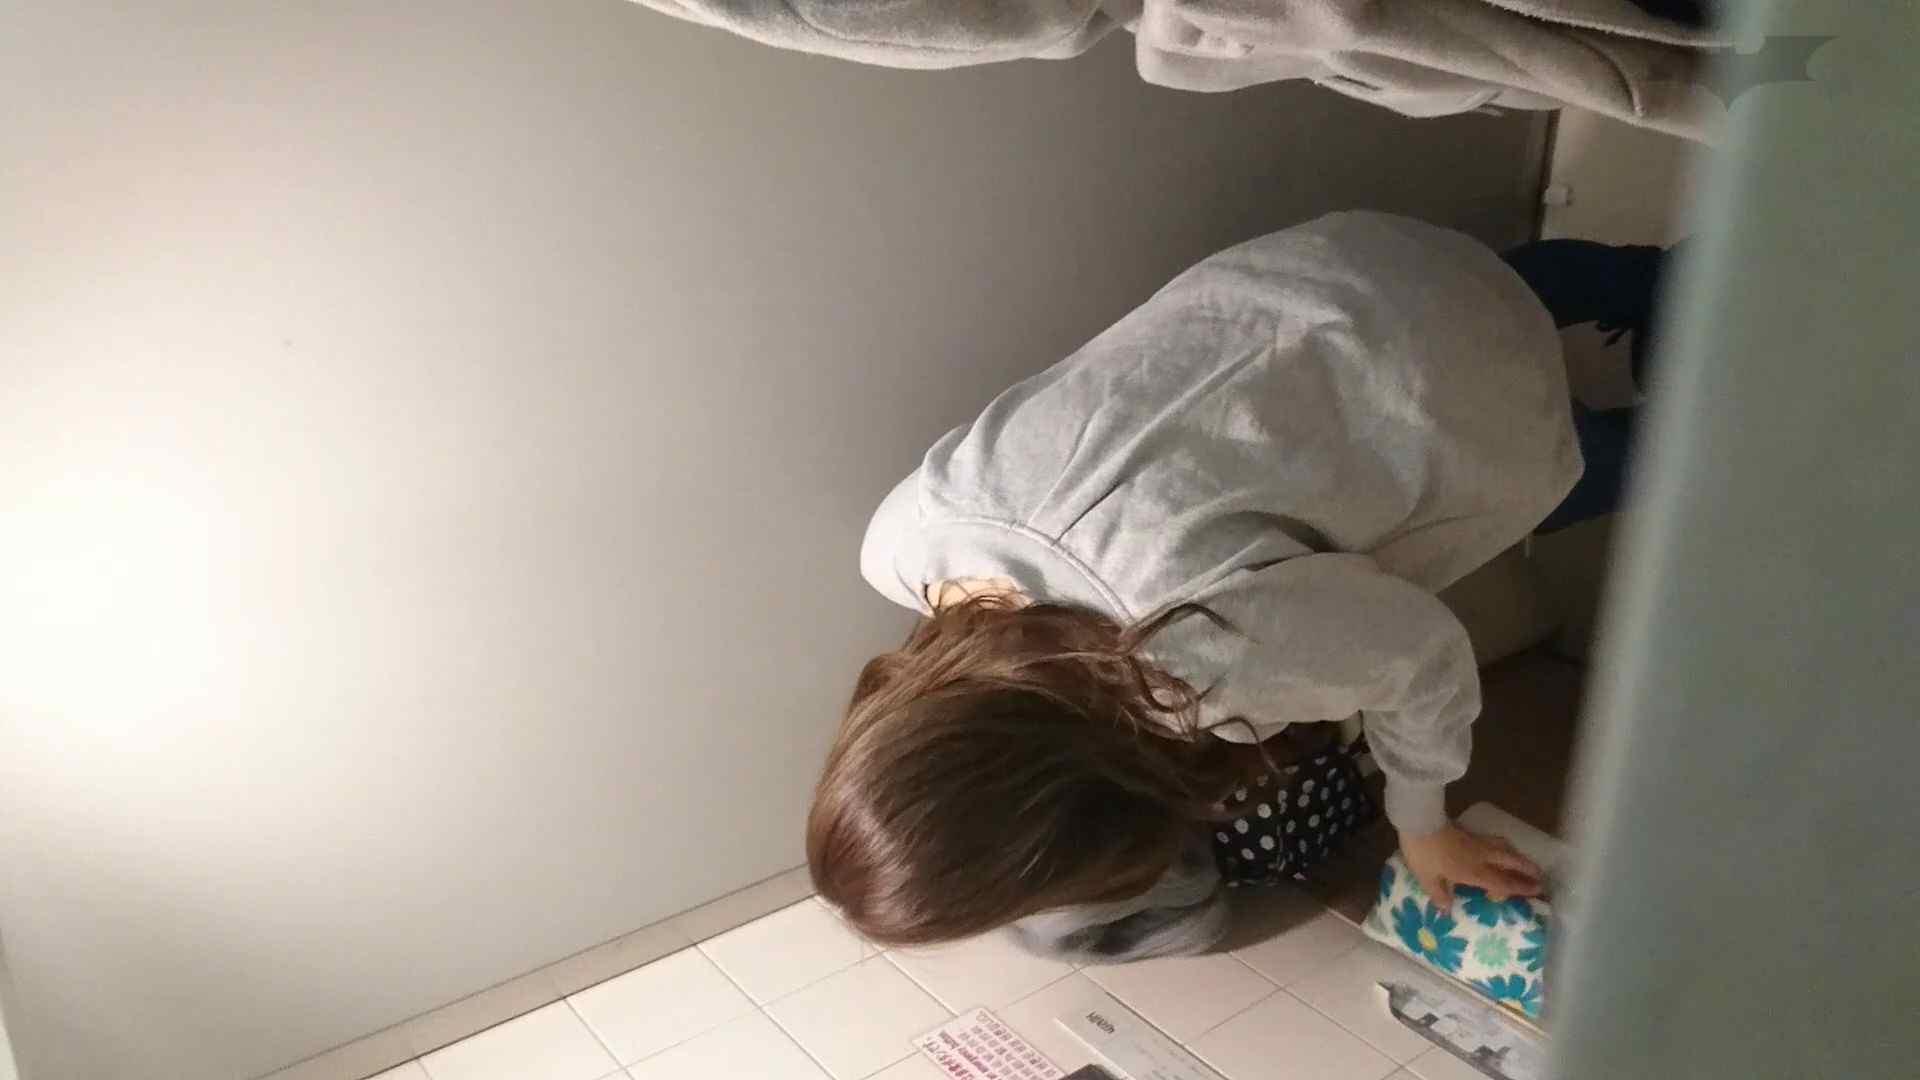 化粧室絵巻 ショッピングモール編 VOL.11 美肌   丸見えマンコ  90画像 48